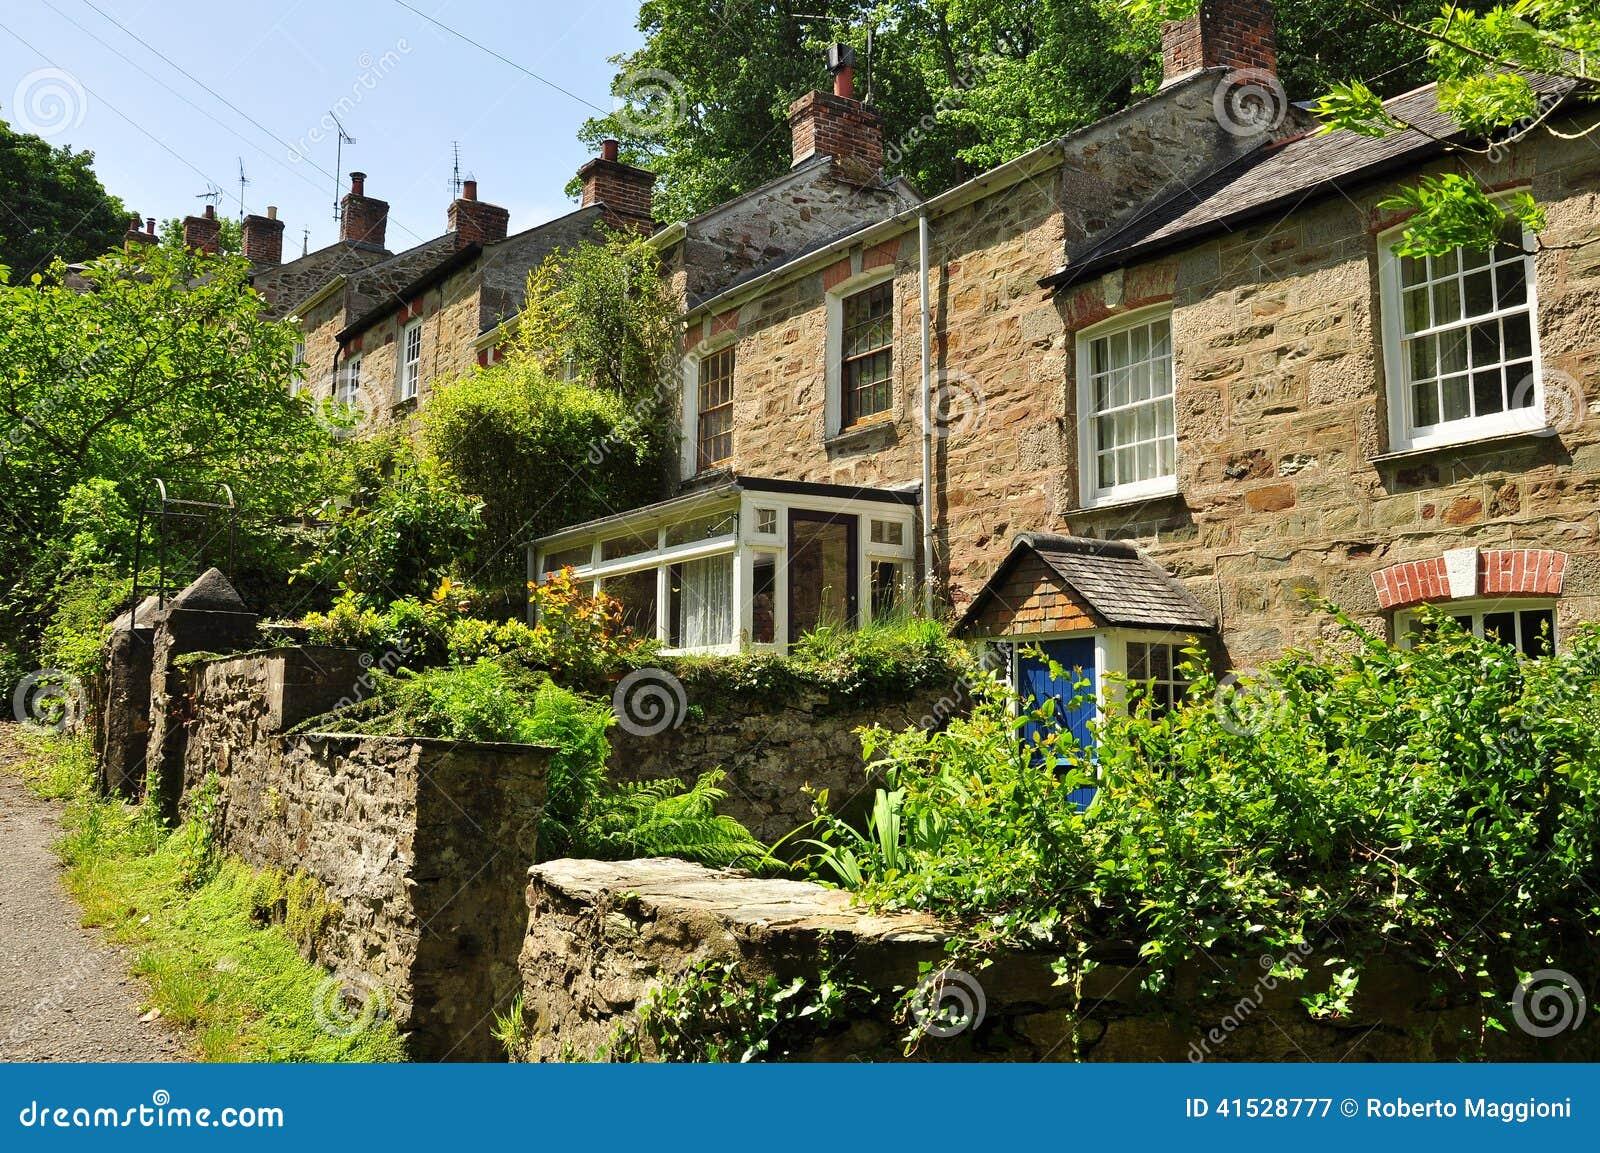 Traditional English Houses Cornwall England UK